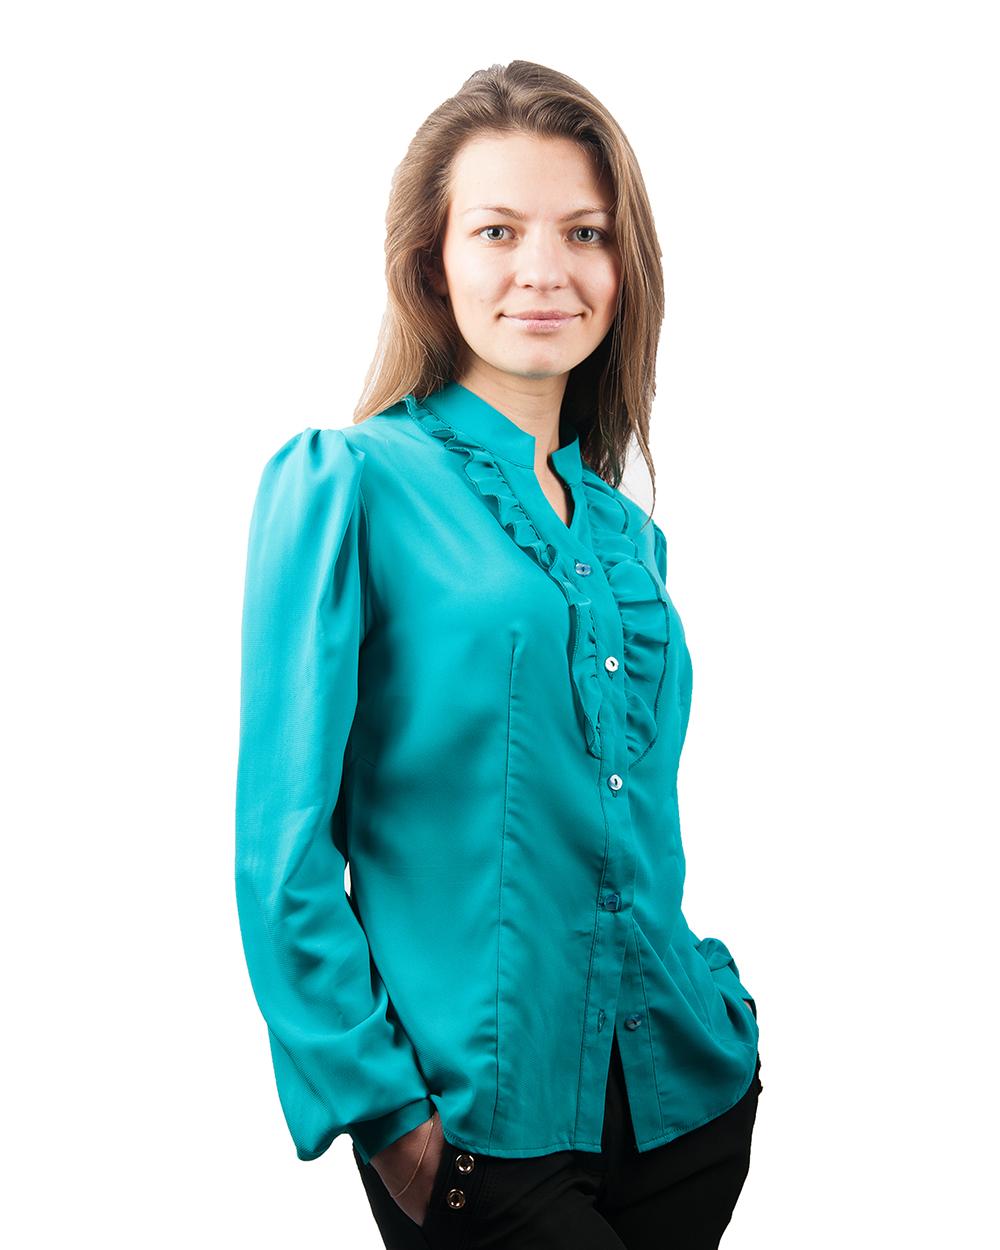 Бирюзовую Блузку Купить В Москве